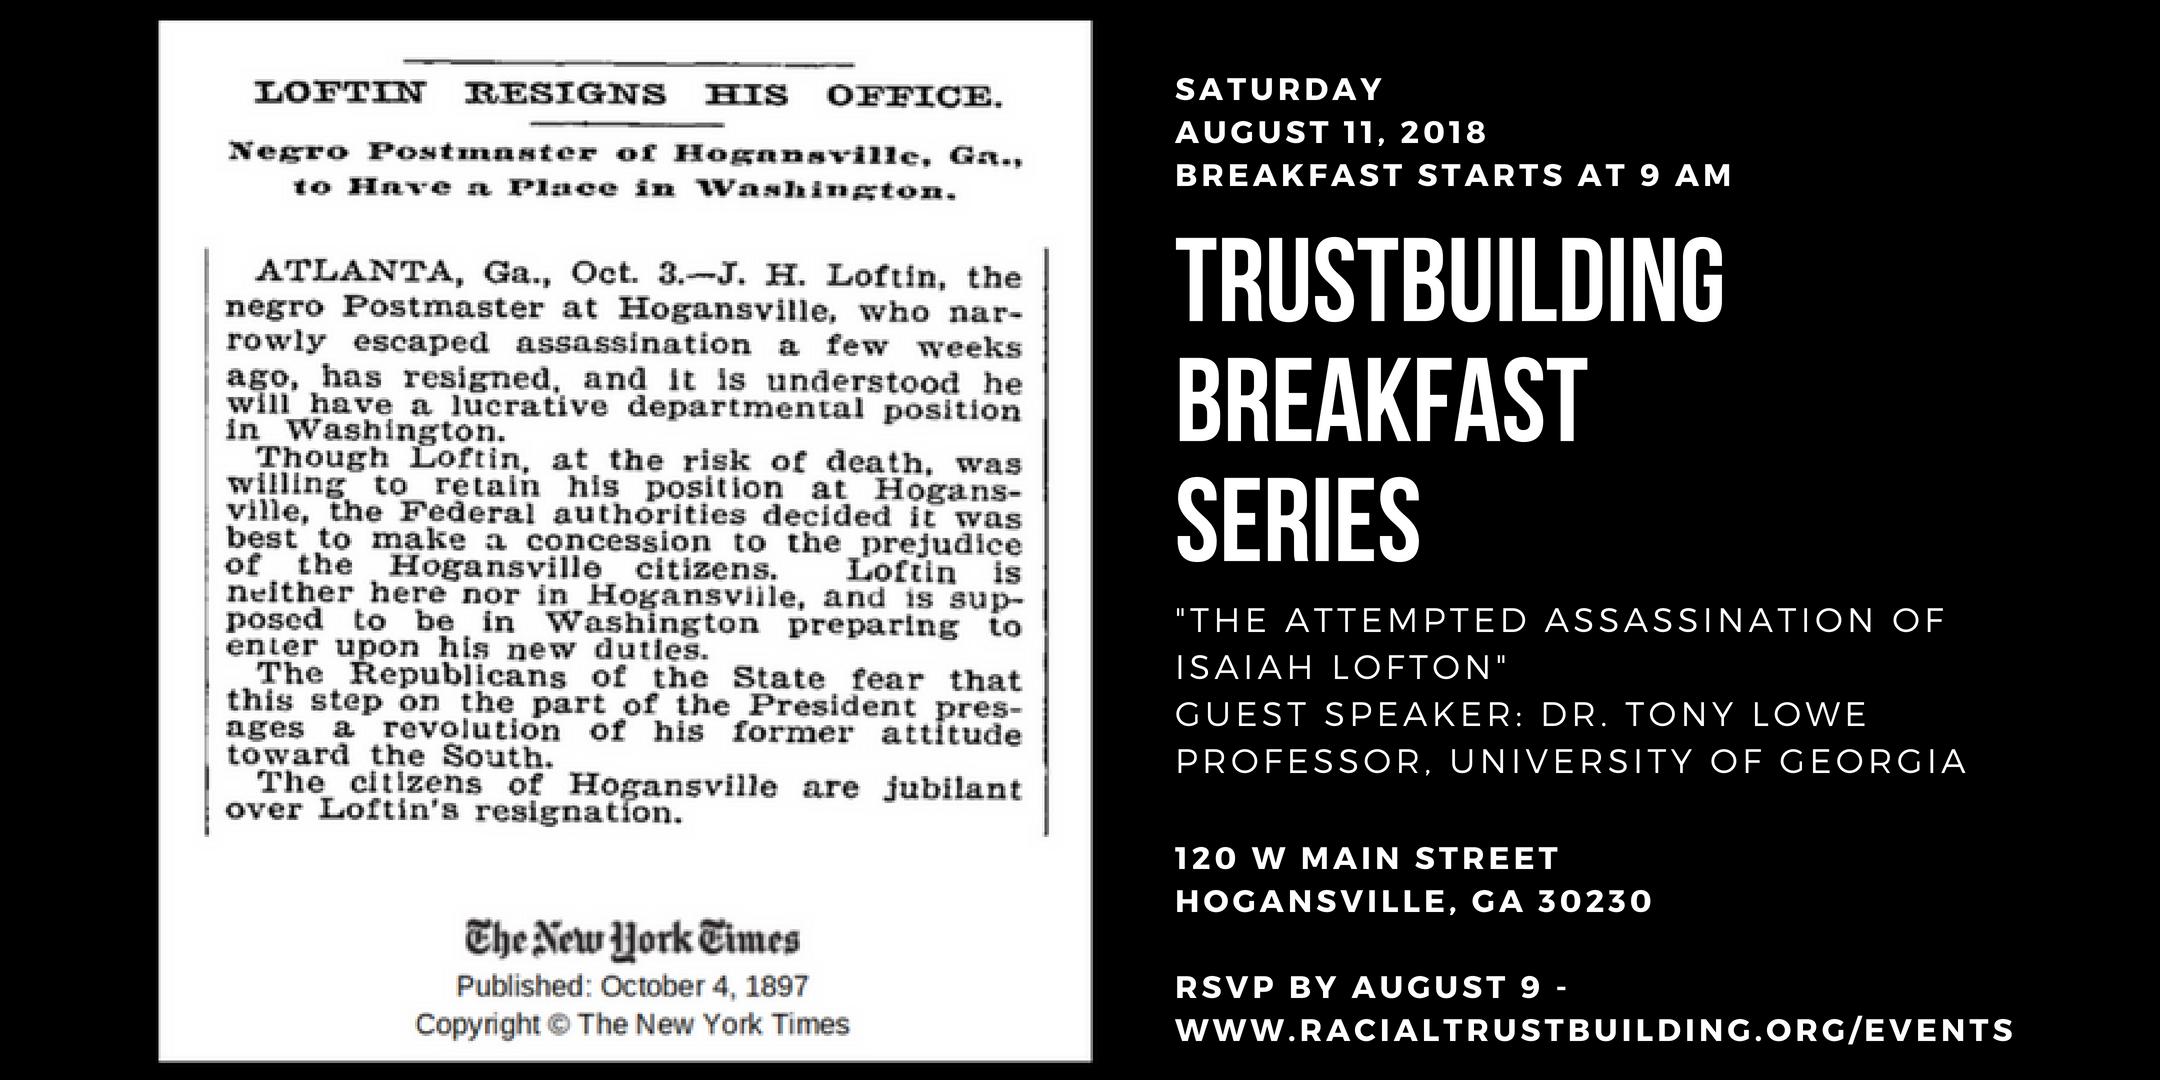 trustbuilding-breakfast-8-11.png